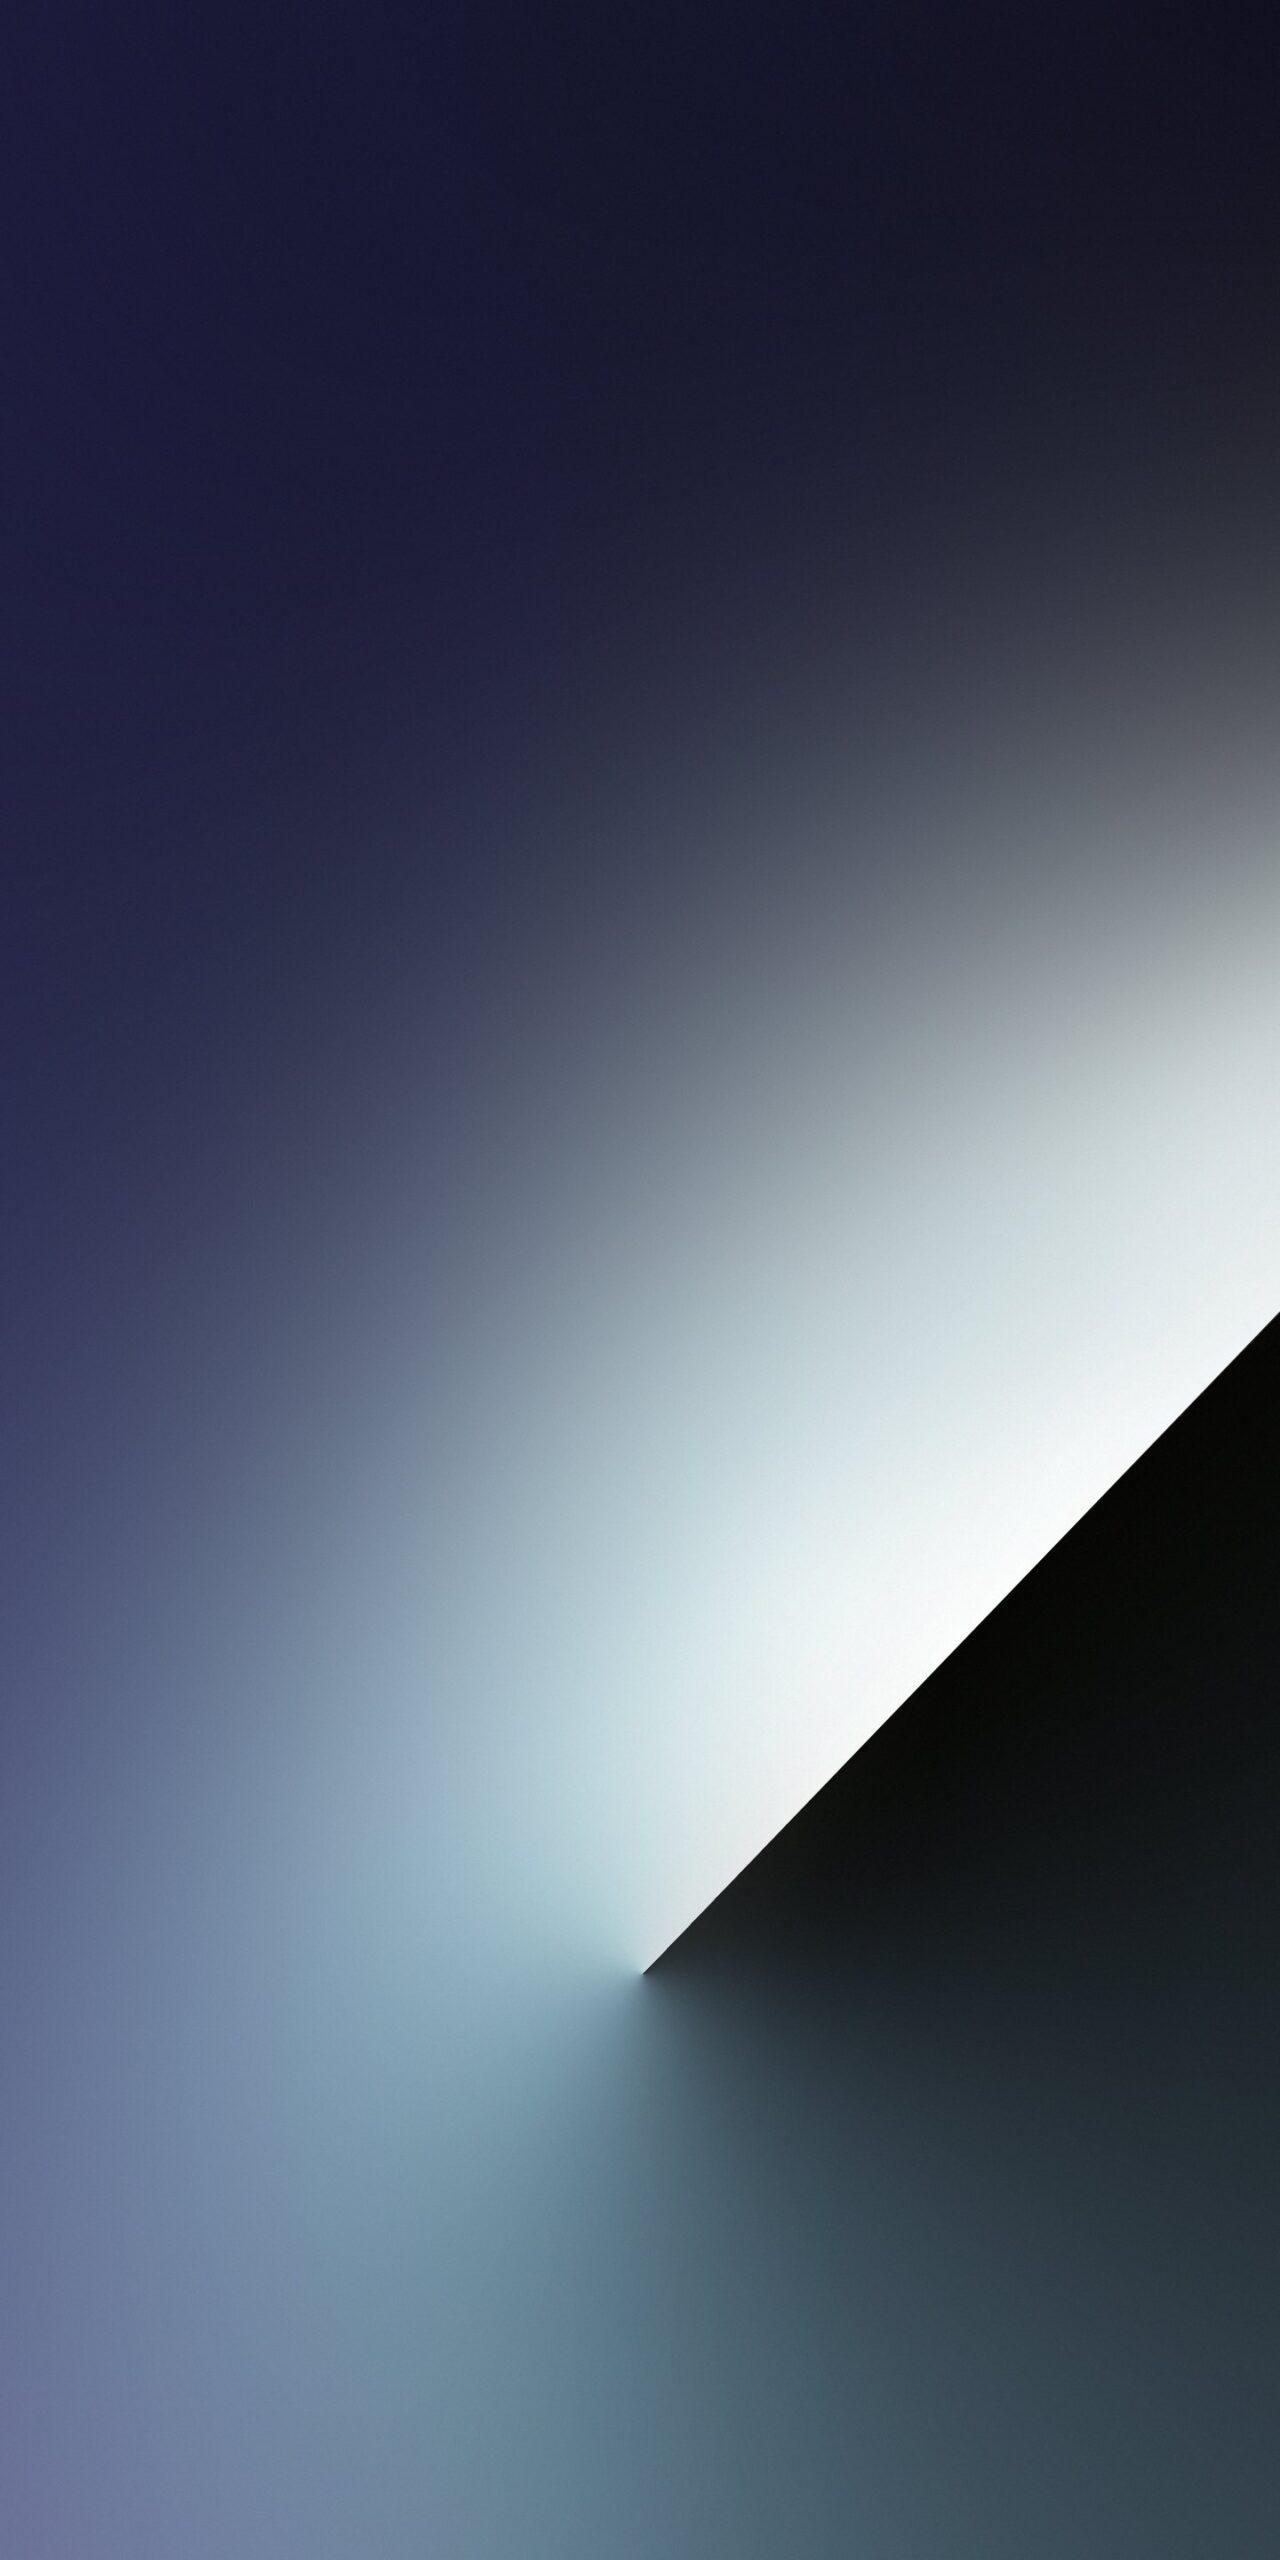 LG v30 stock QHD wallpaper Mohamedovic 17 scaled